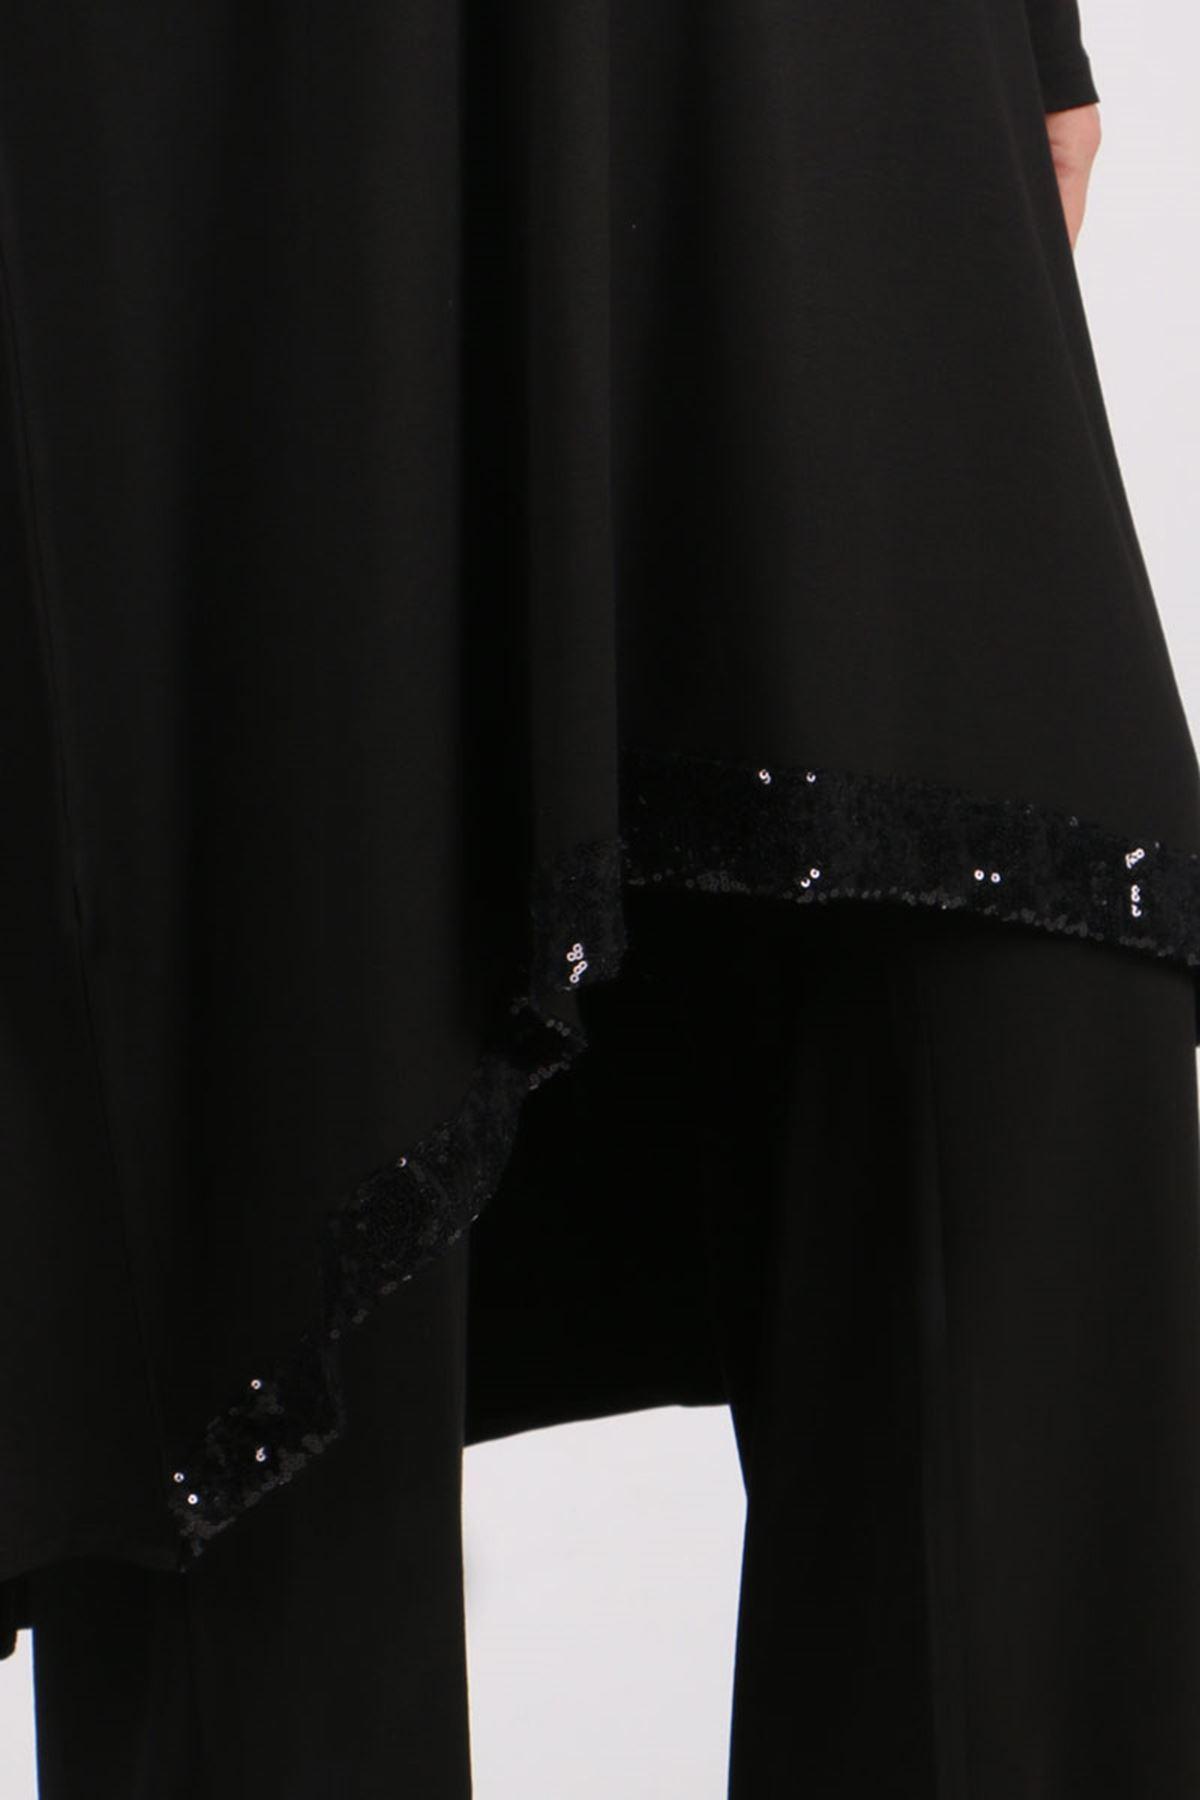 7598 Büyük Beden Pul Payetli Penye Pantolonlu Takım-Siyah